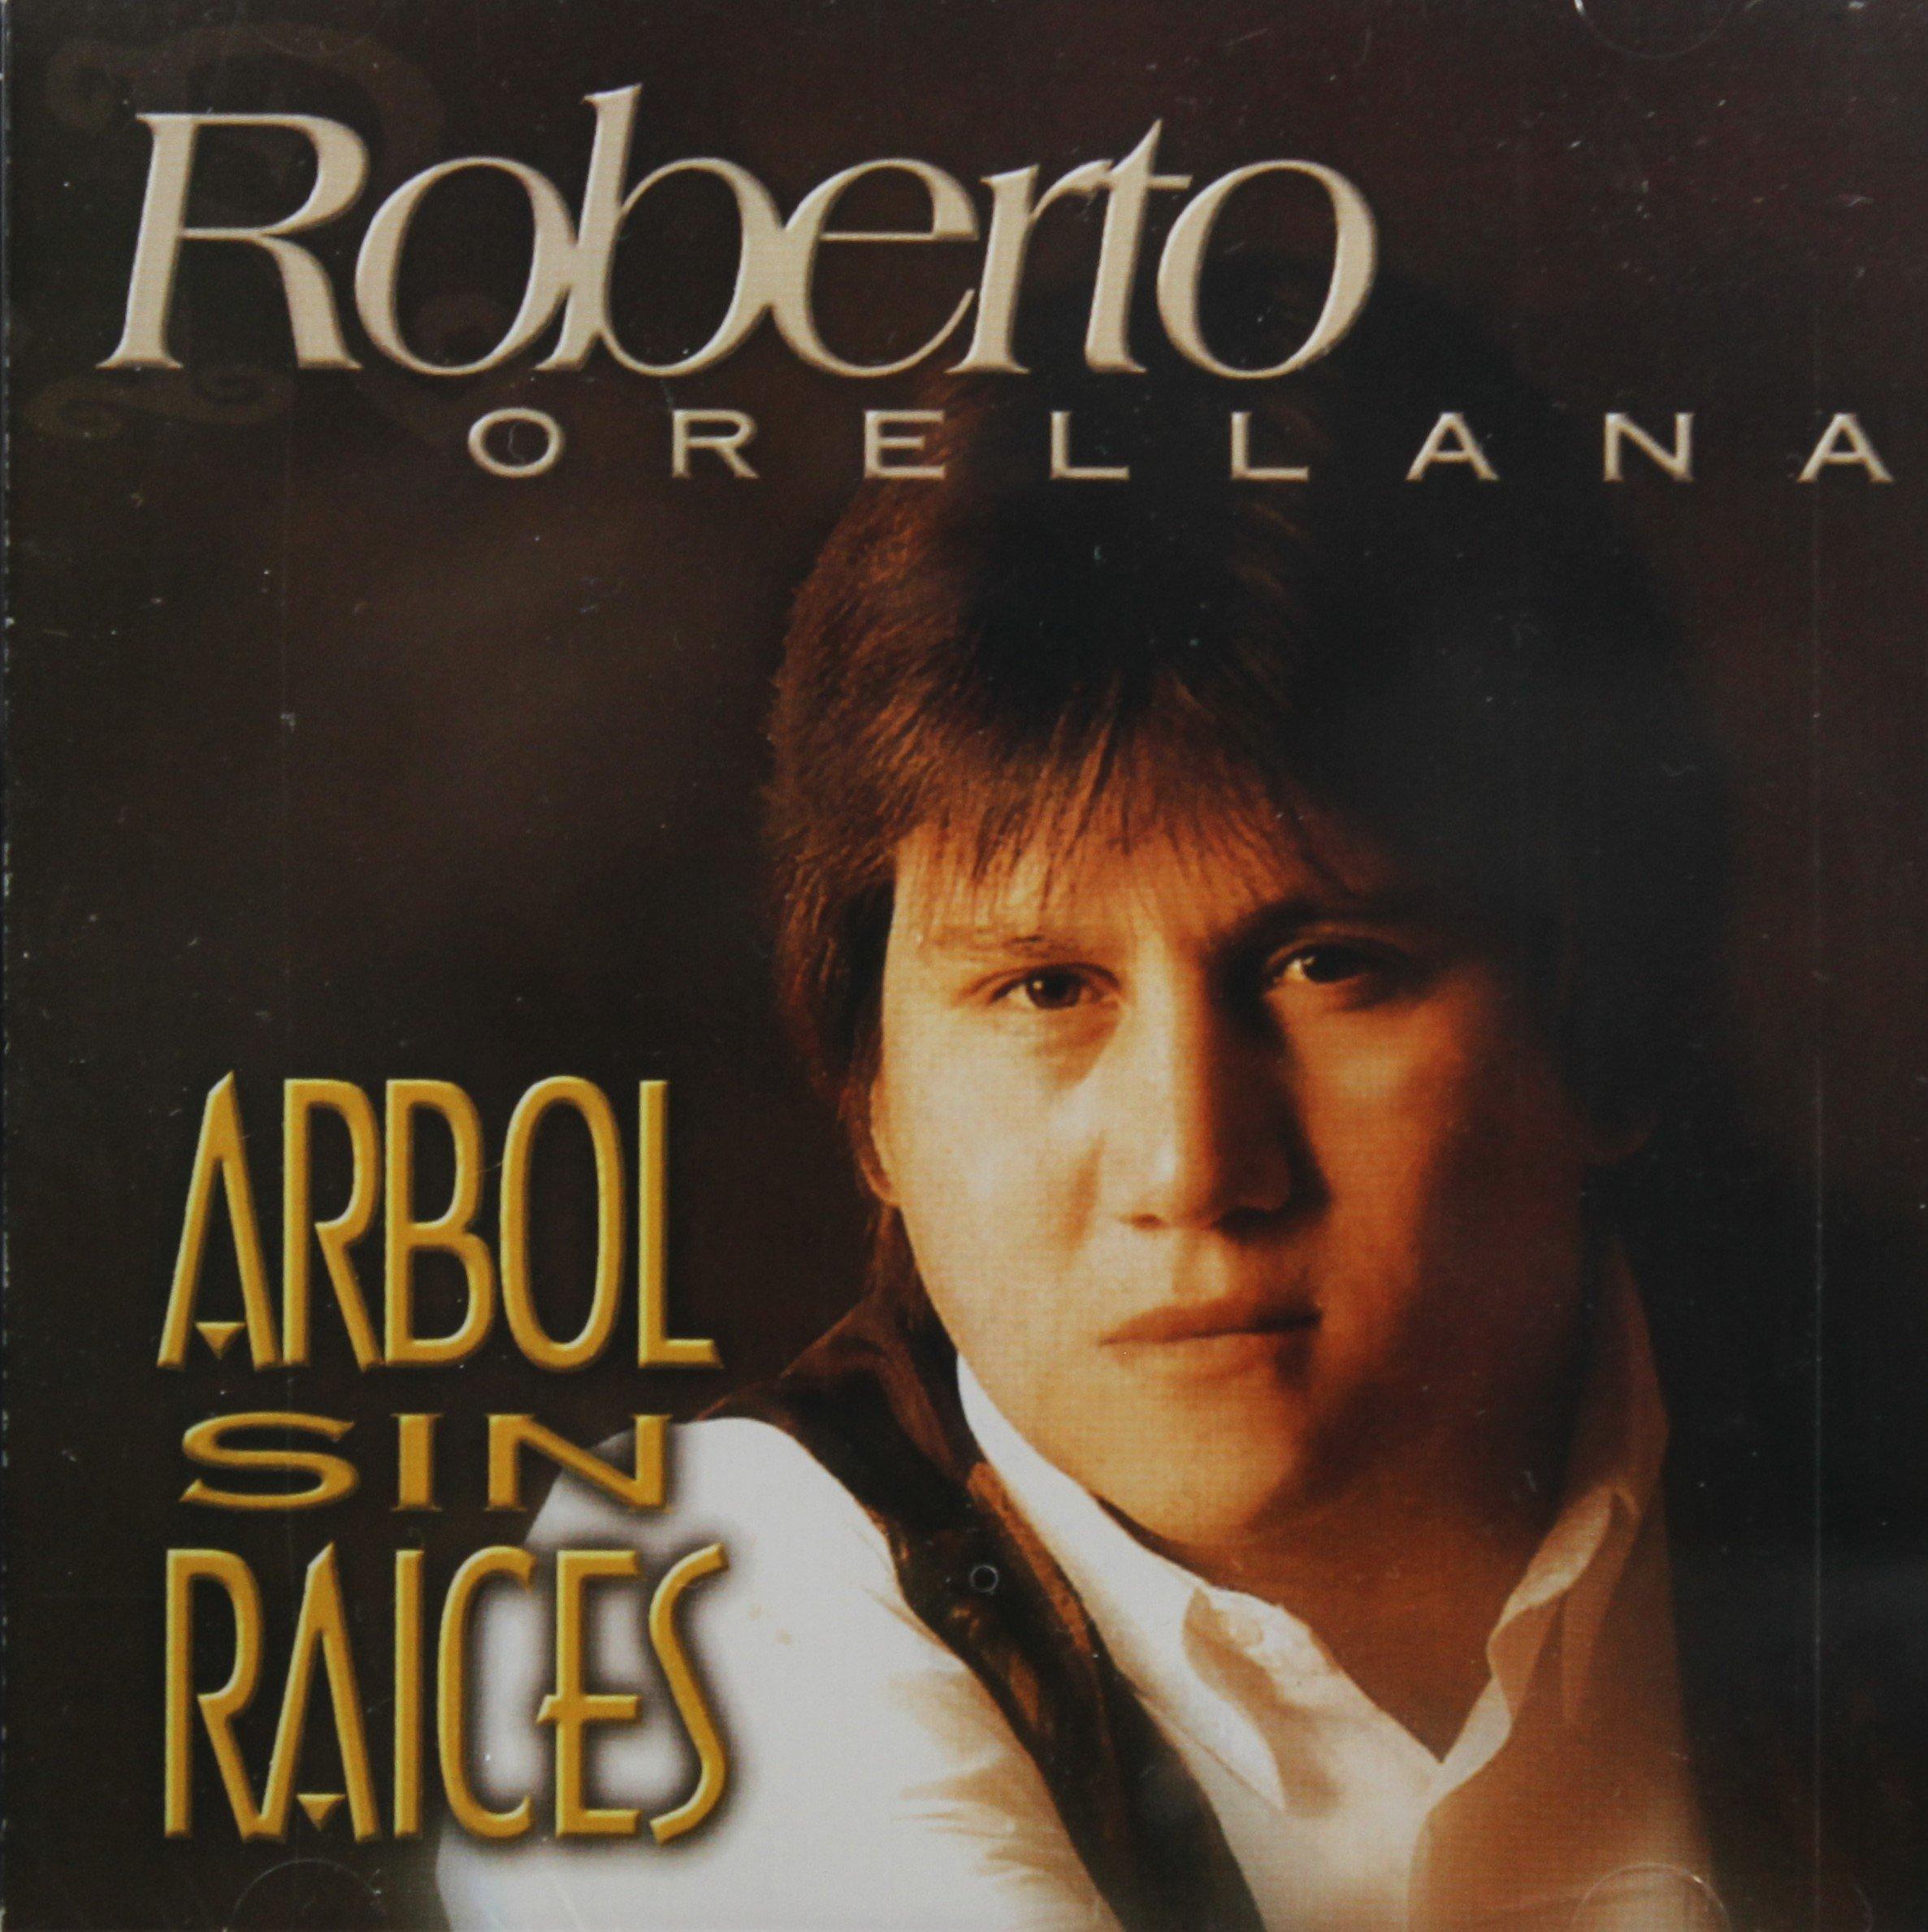 Arbol Sin Raices by Carpintero Records